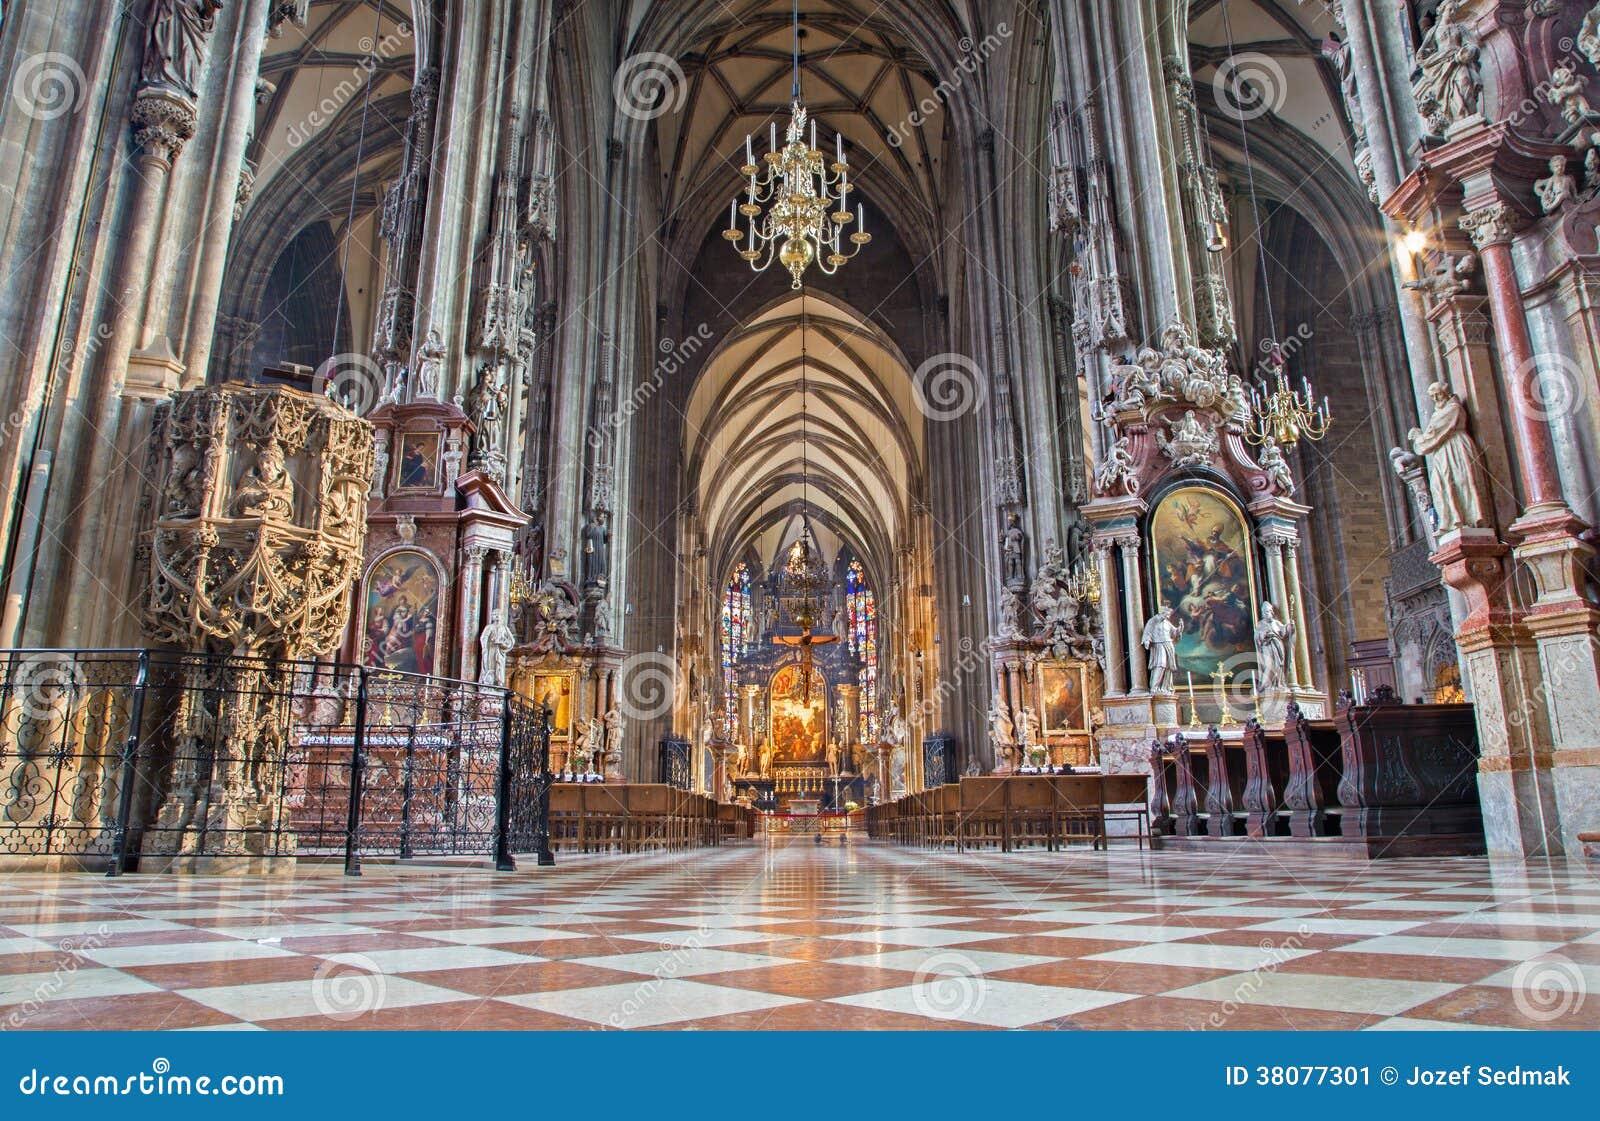 Viena - interna da catedral ou do Stephansdom do St. Stephens.